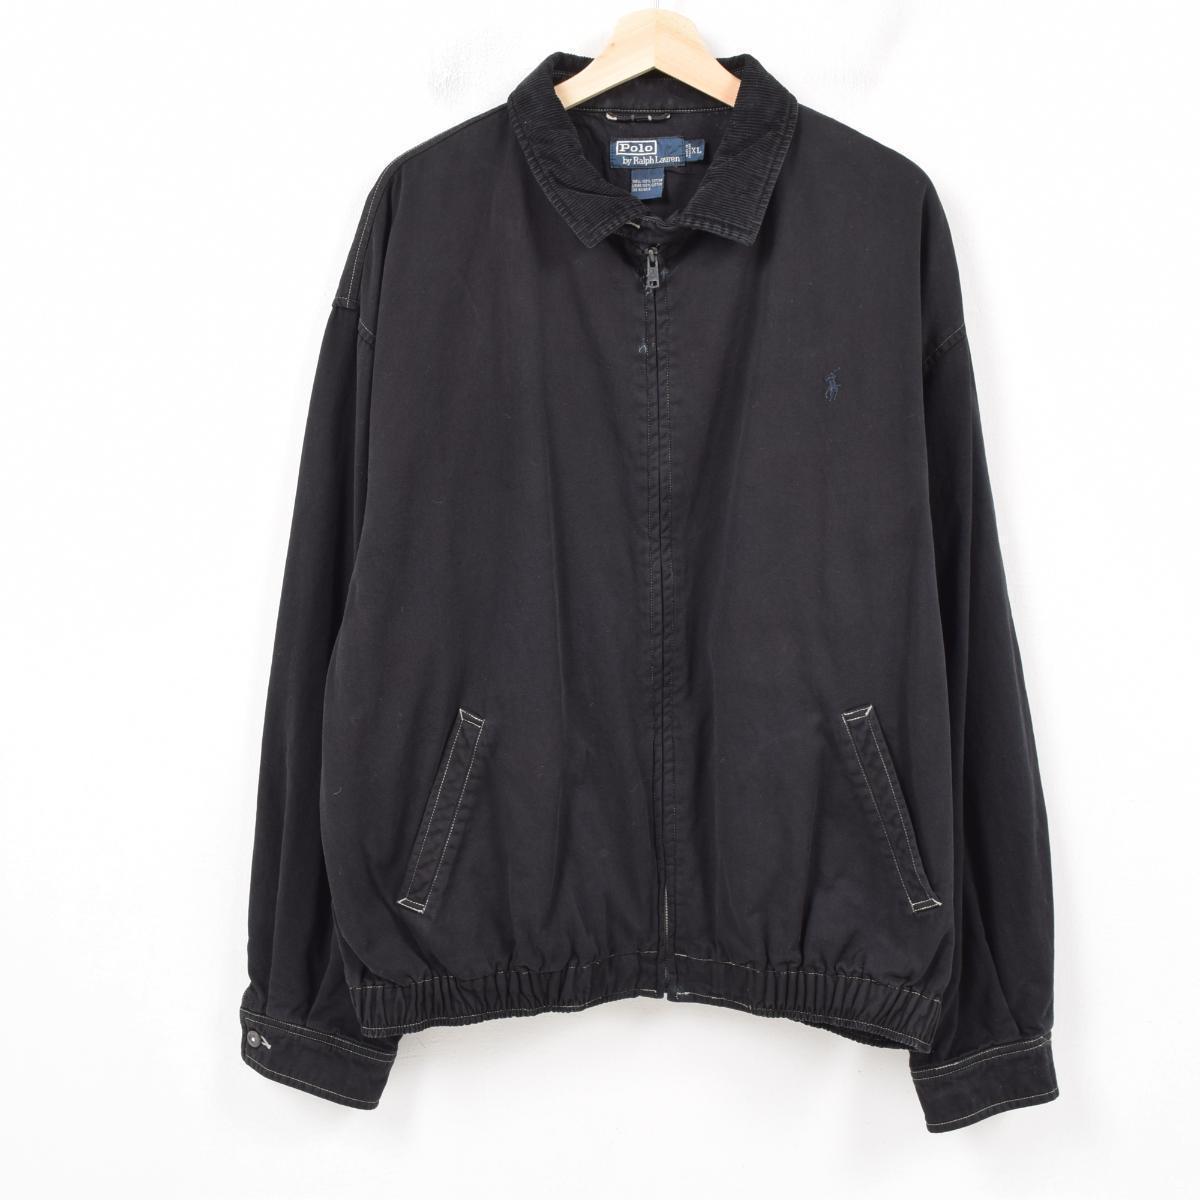 a75b04cf Ralph Lauren Ralph Lauren POLO by Ralph Lauren swing top sports jacket men  XL /waw3146